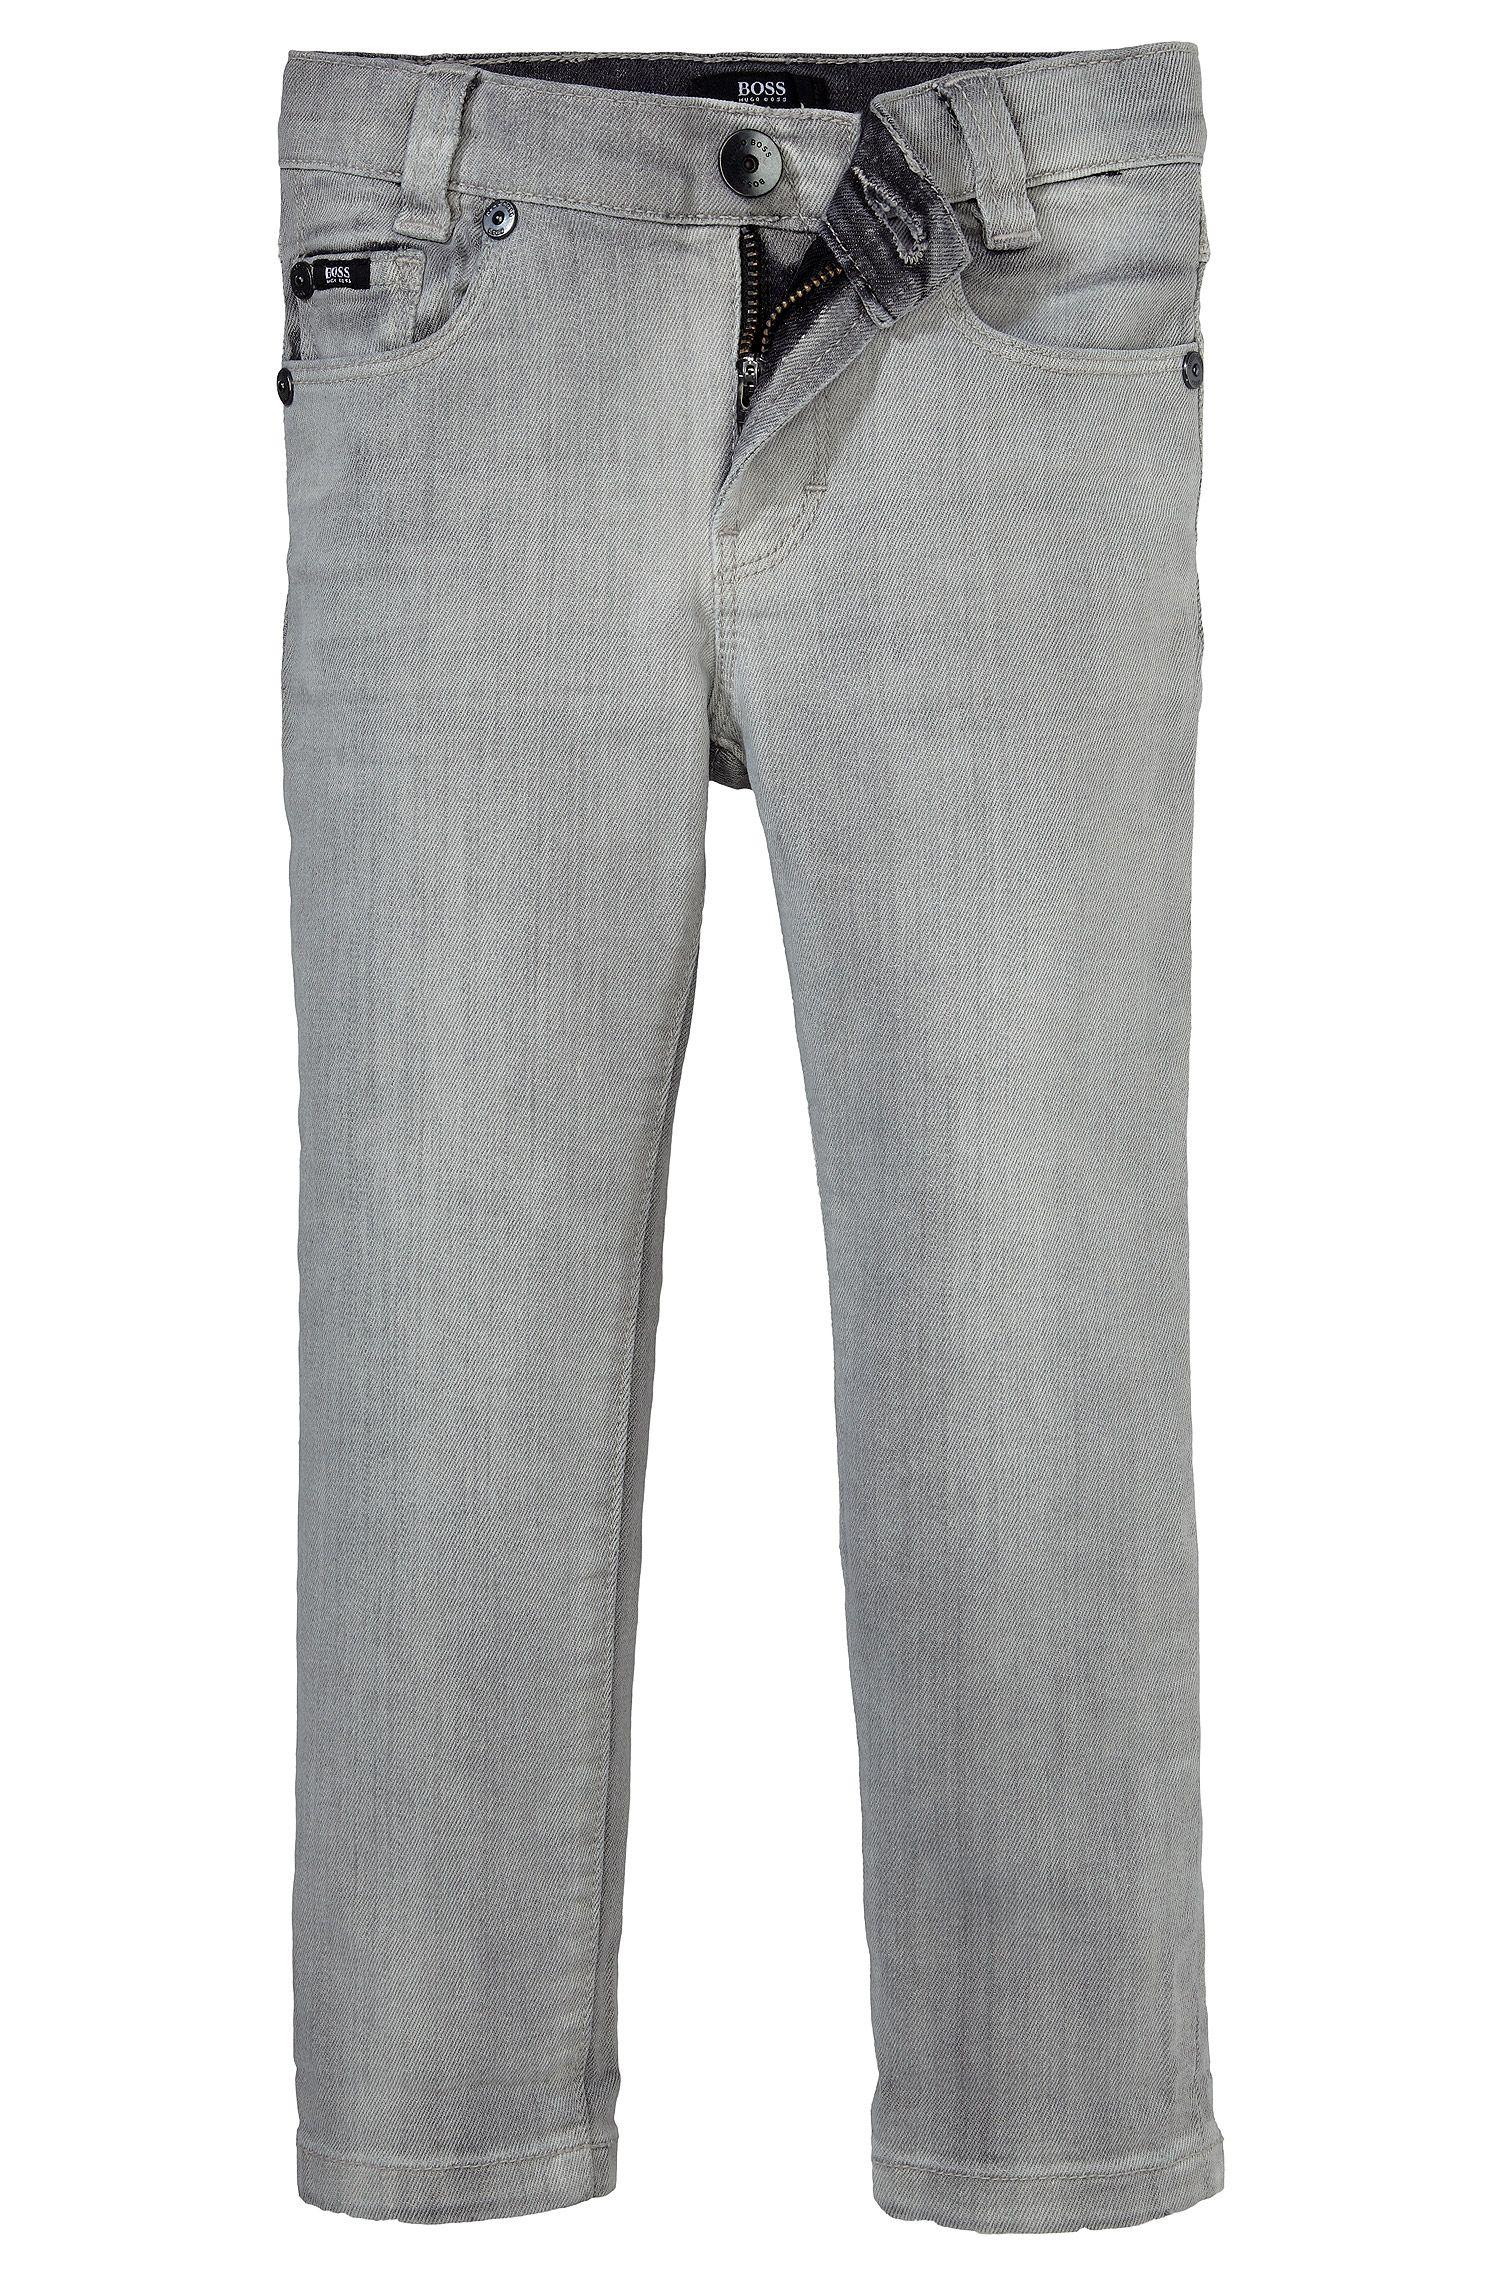 Jeans pour enfant «J24323» en coton mélangé